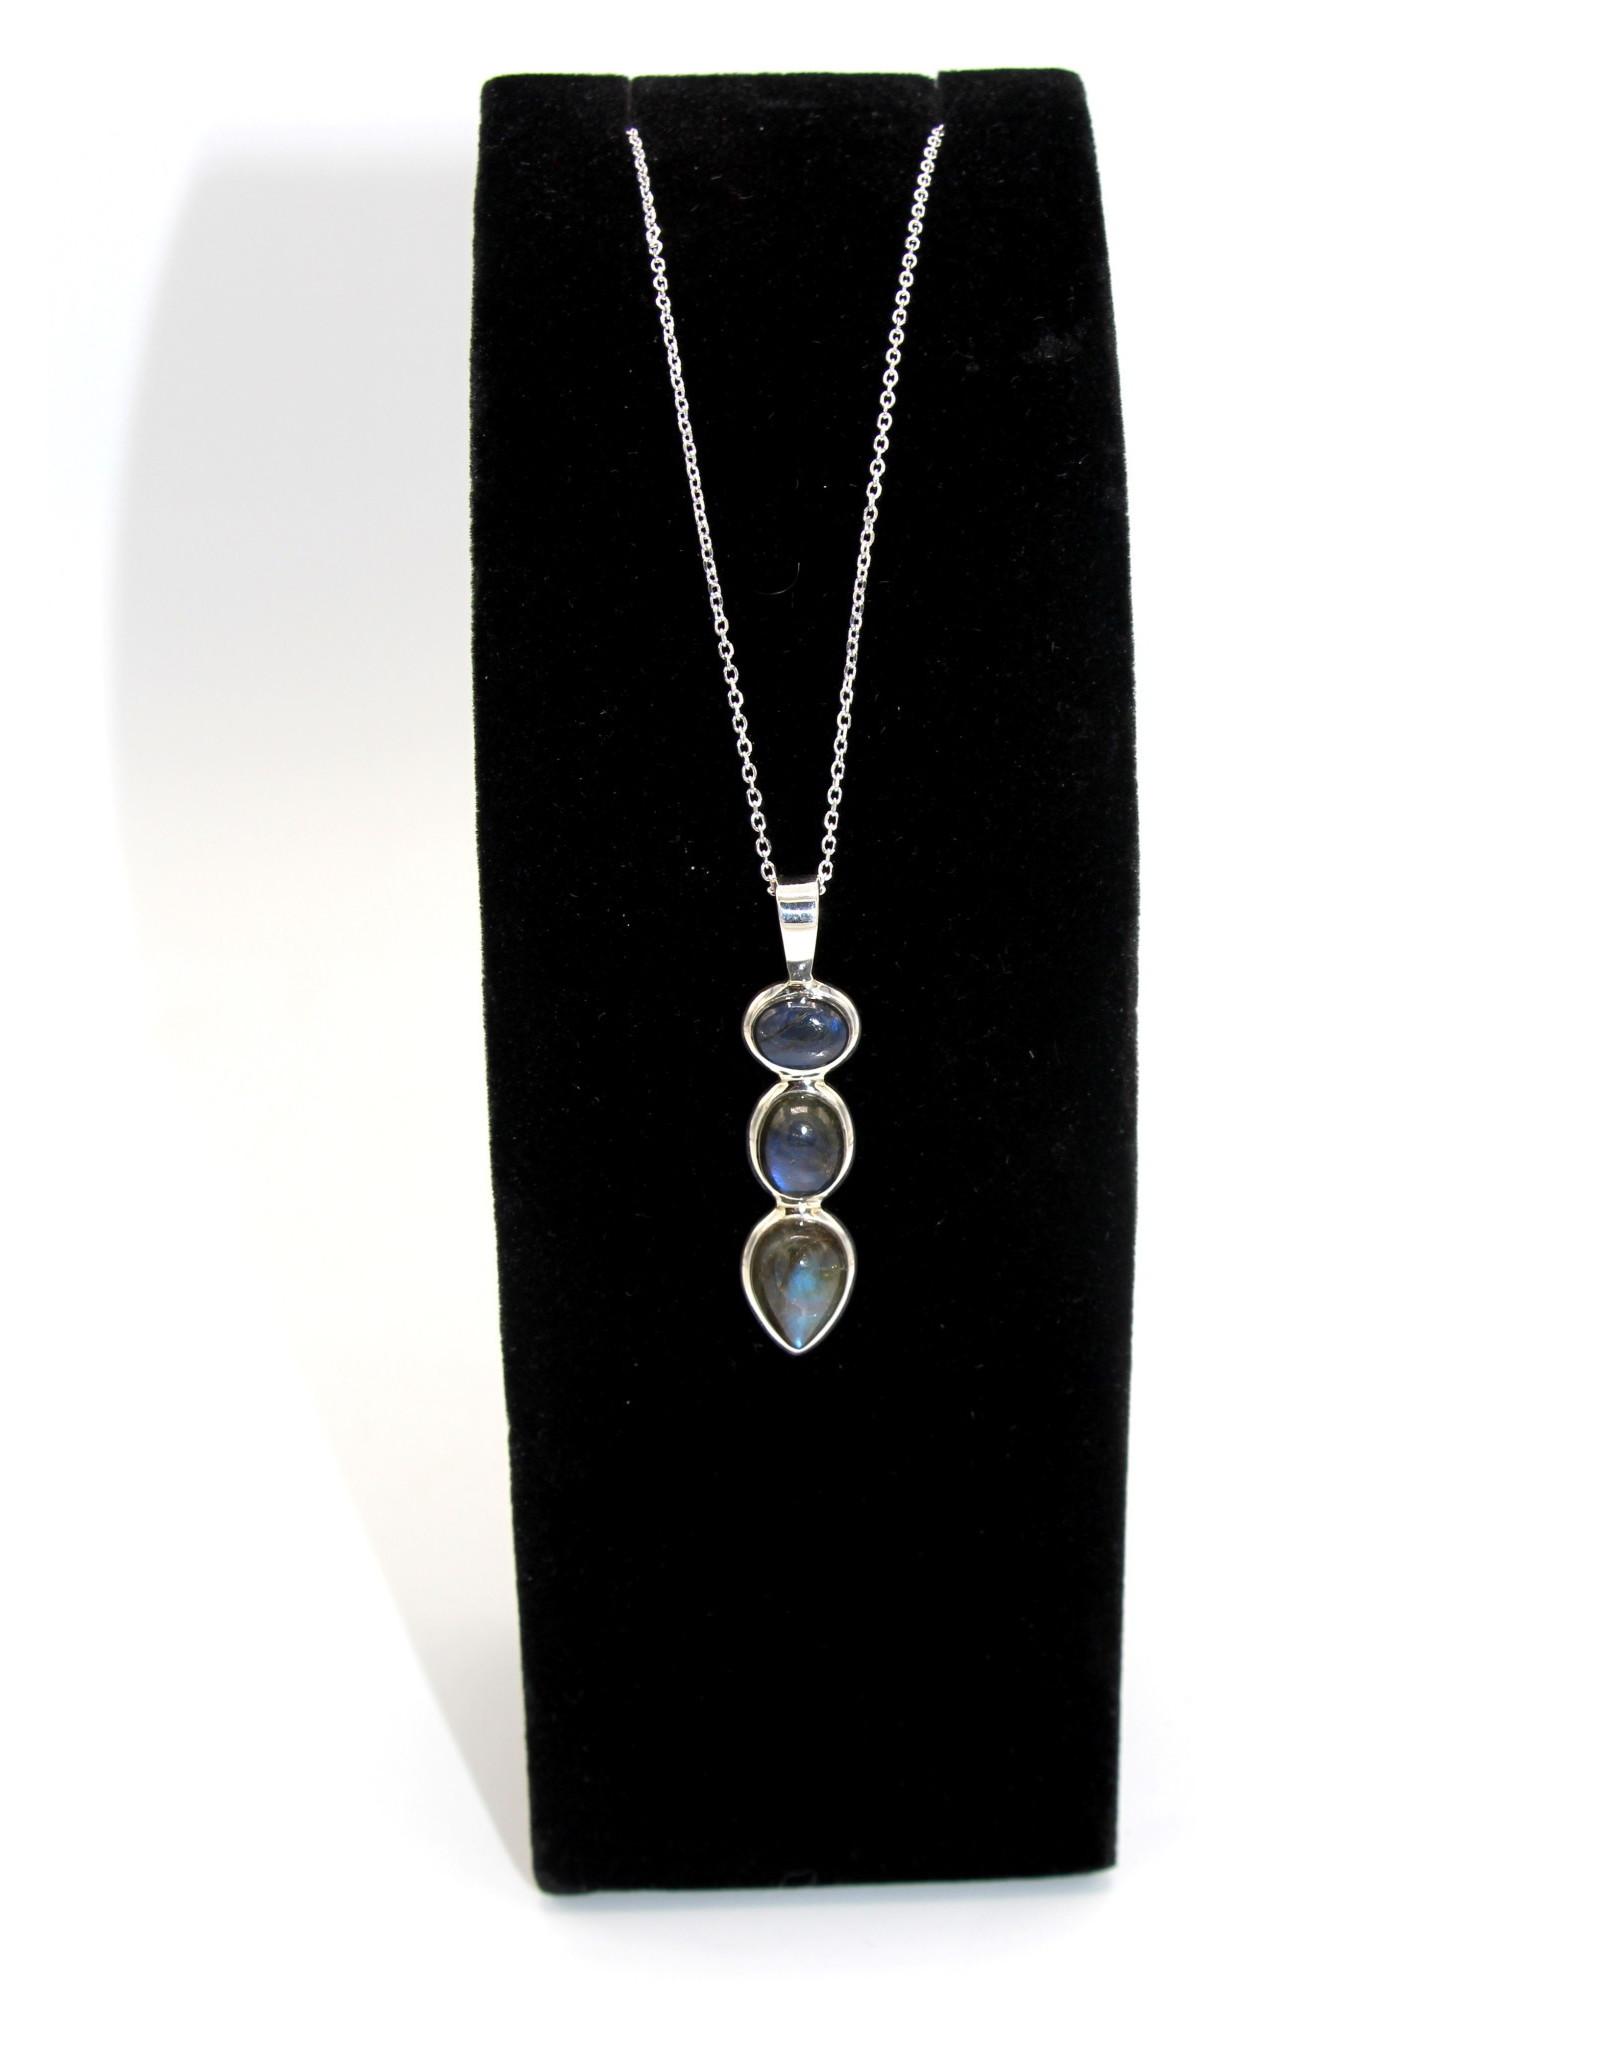 Labradorite Necklace - 10612